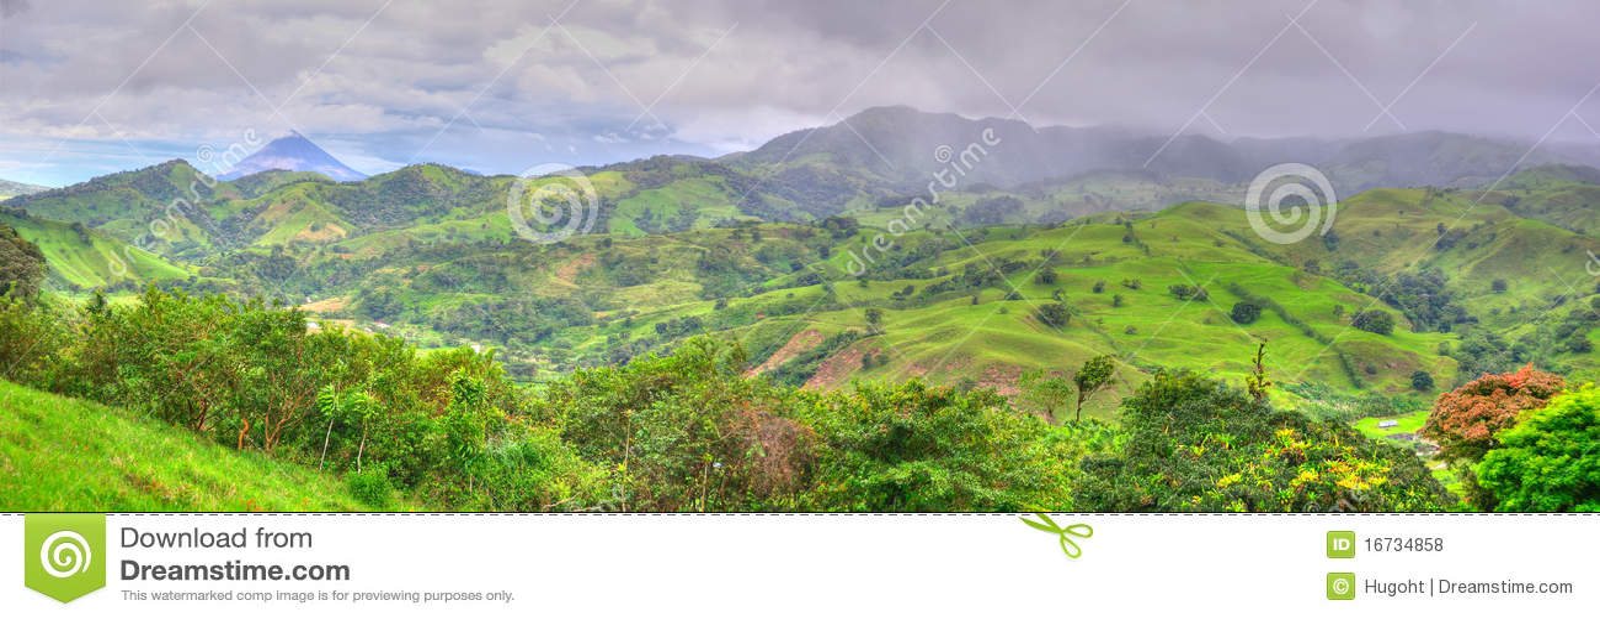 Panorama d horizontal du Costa Rica